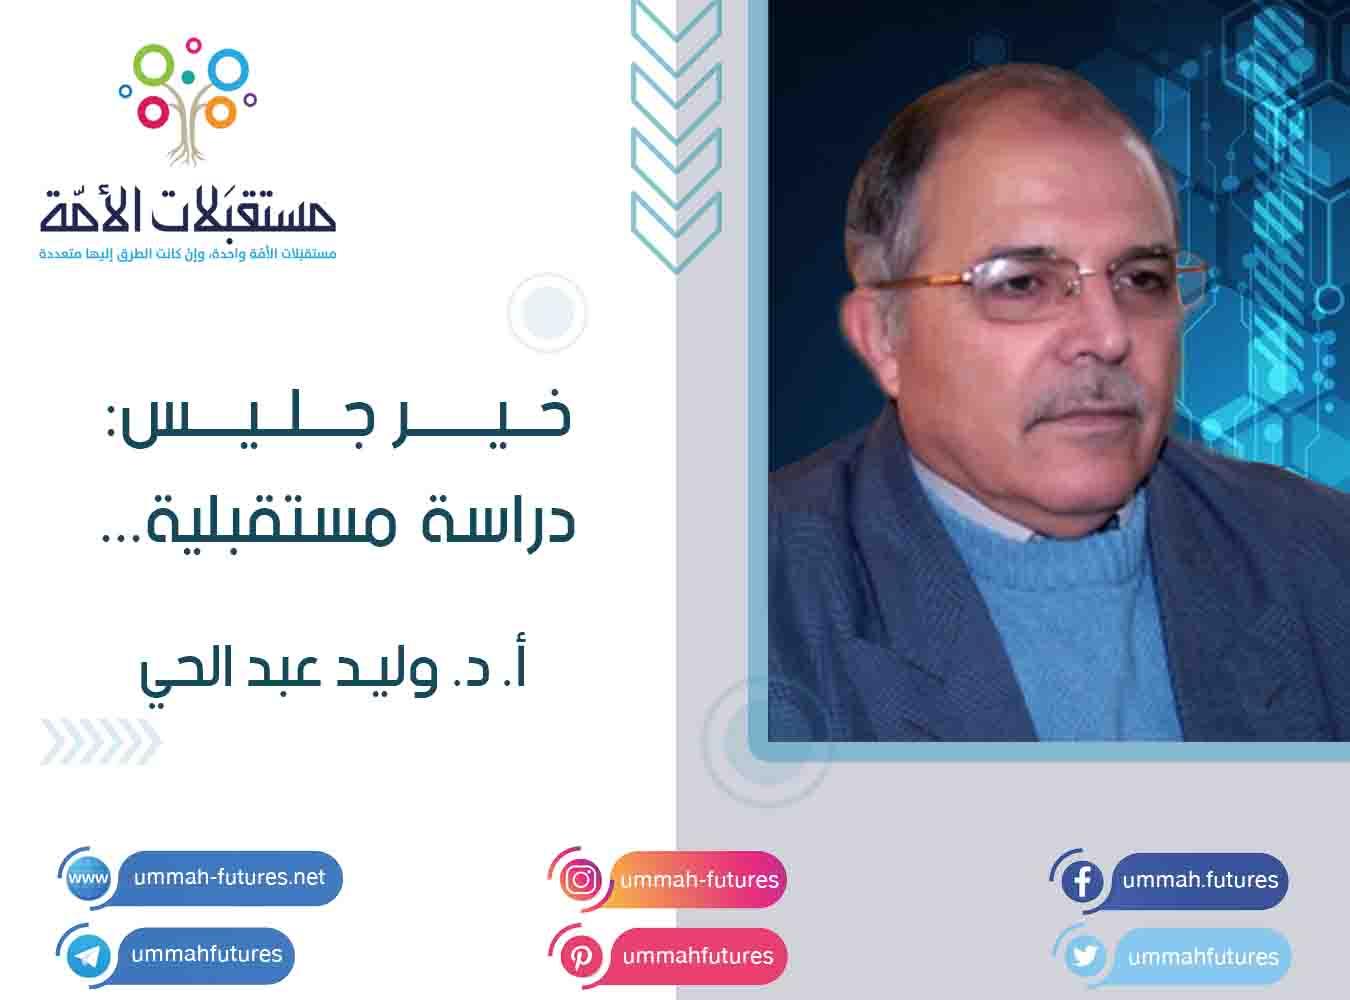 خير جليس: دراسة مستقبلية...أ. د. وليد عبد الحي